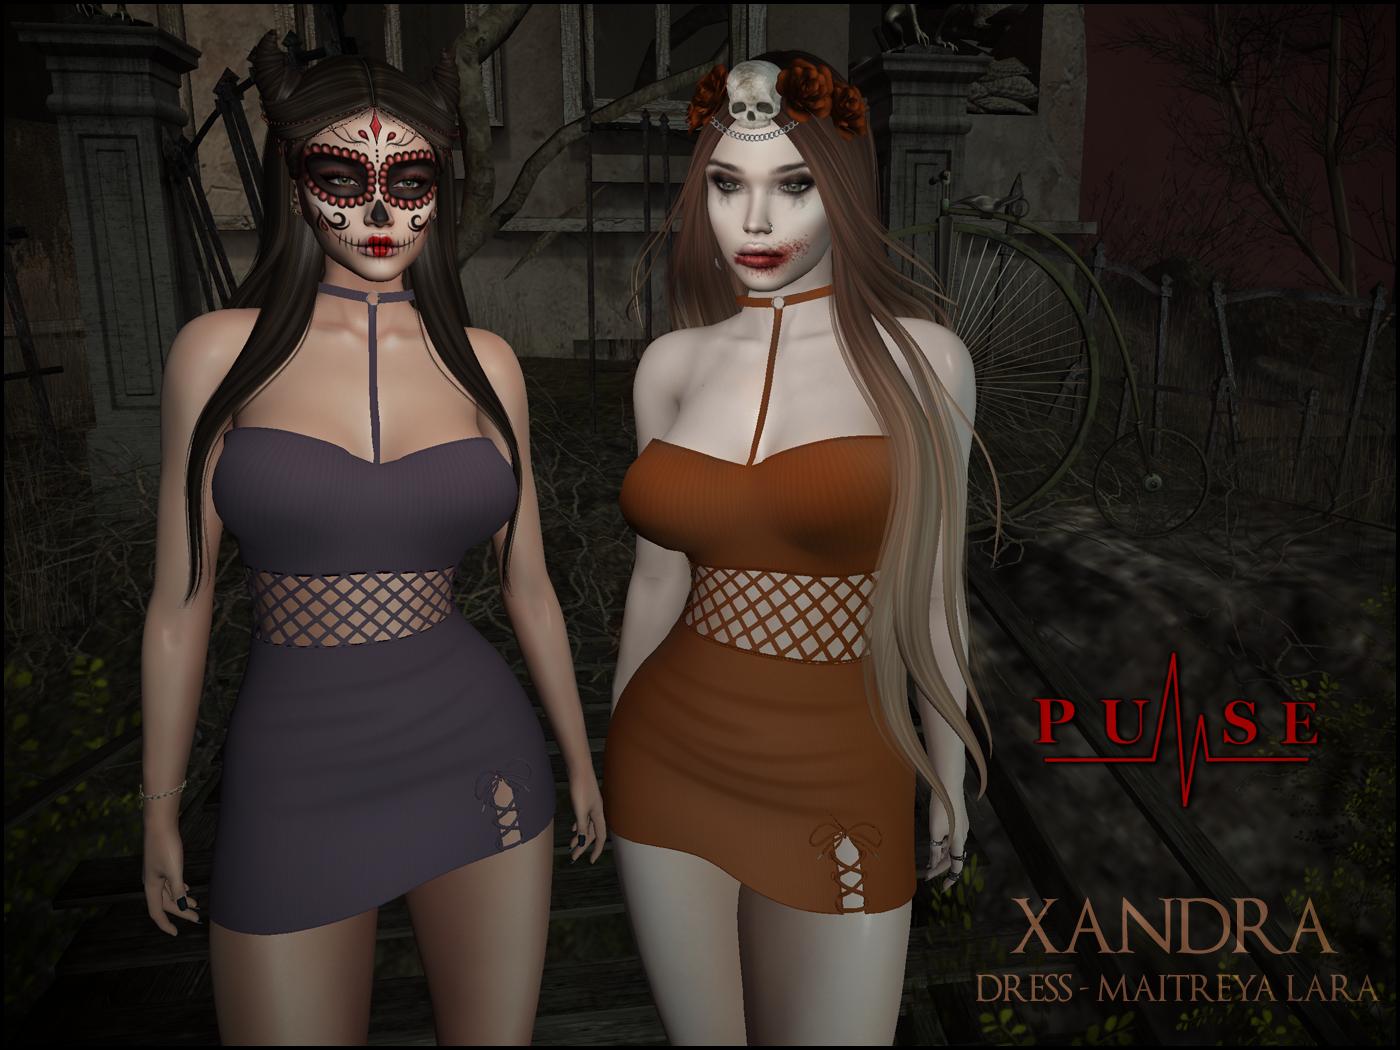 xandra dress ads .png